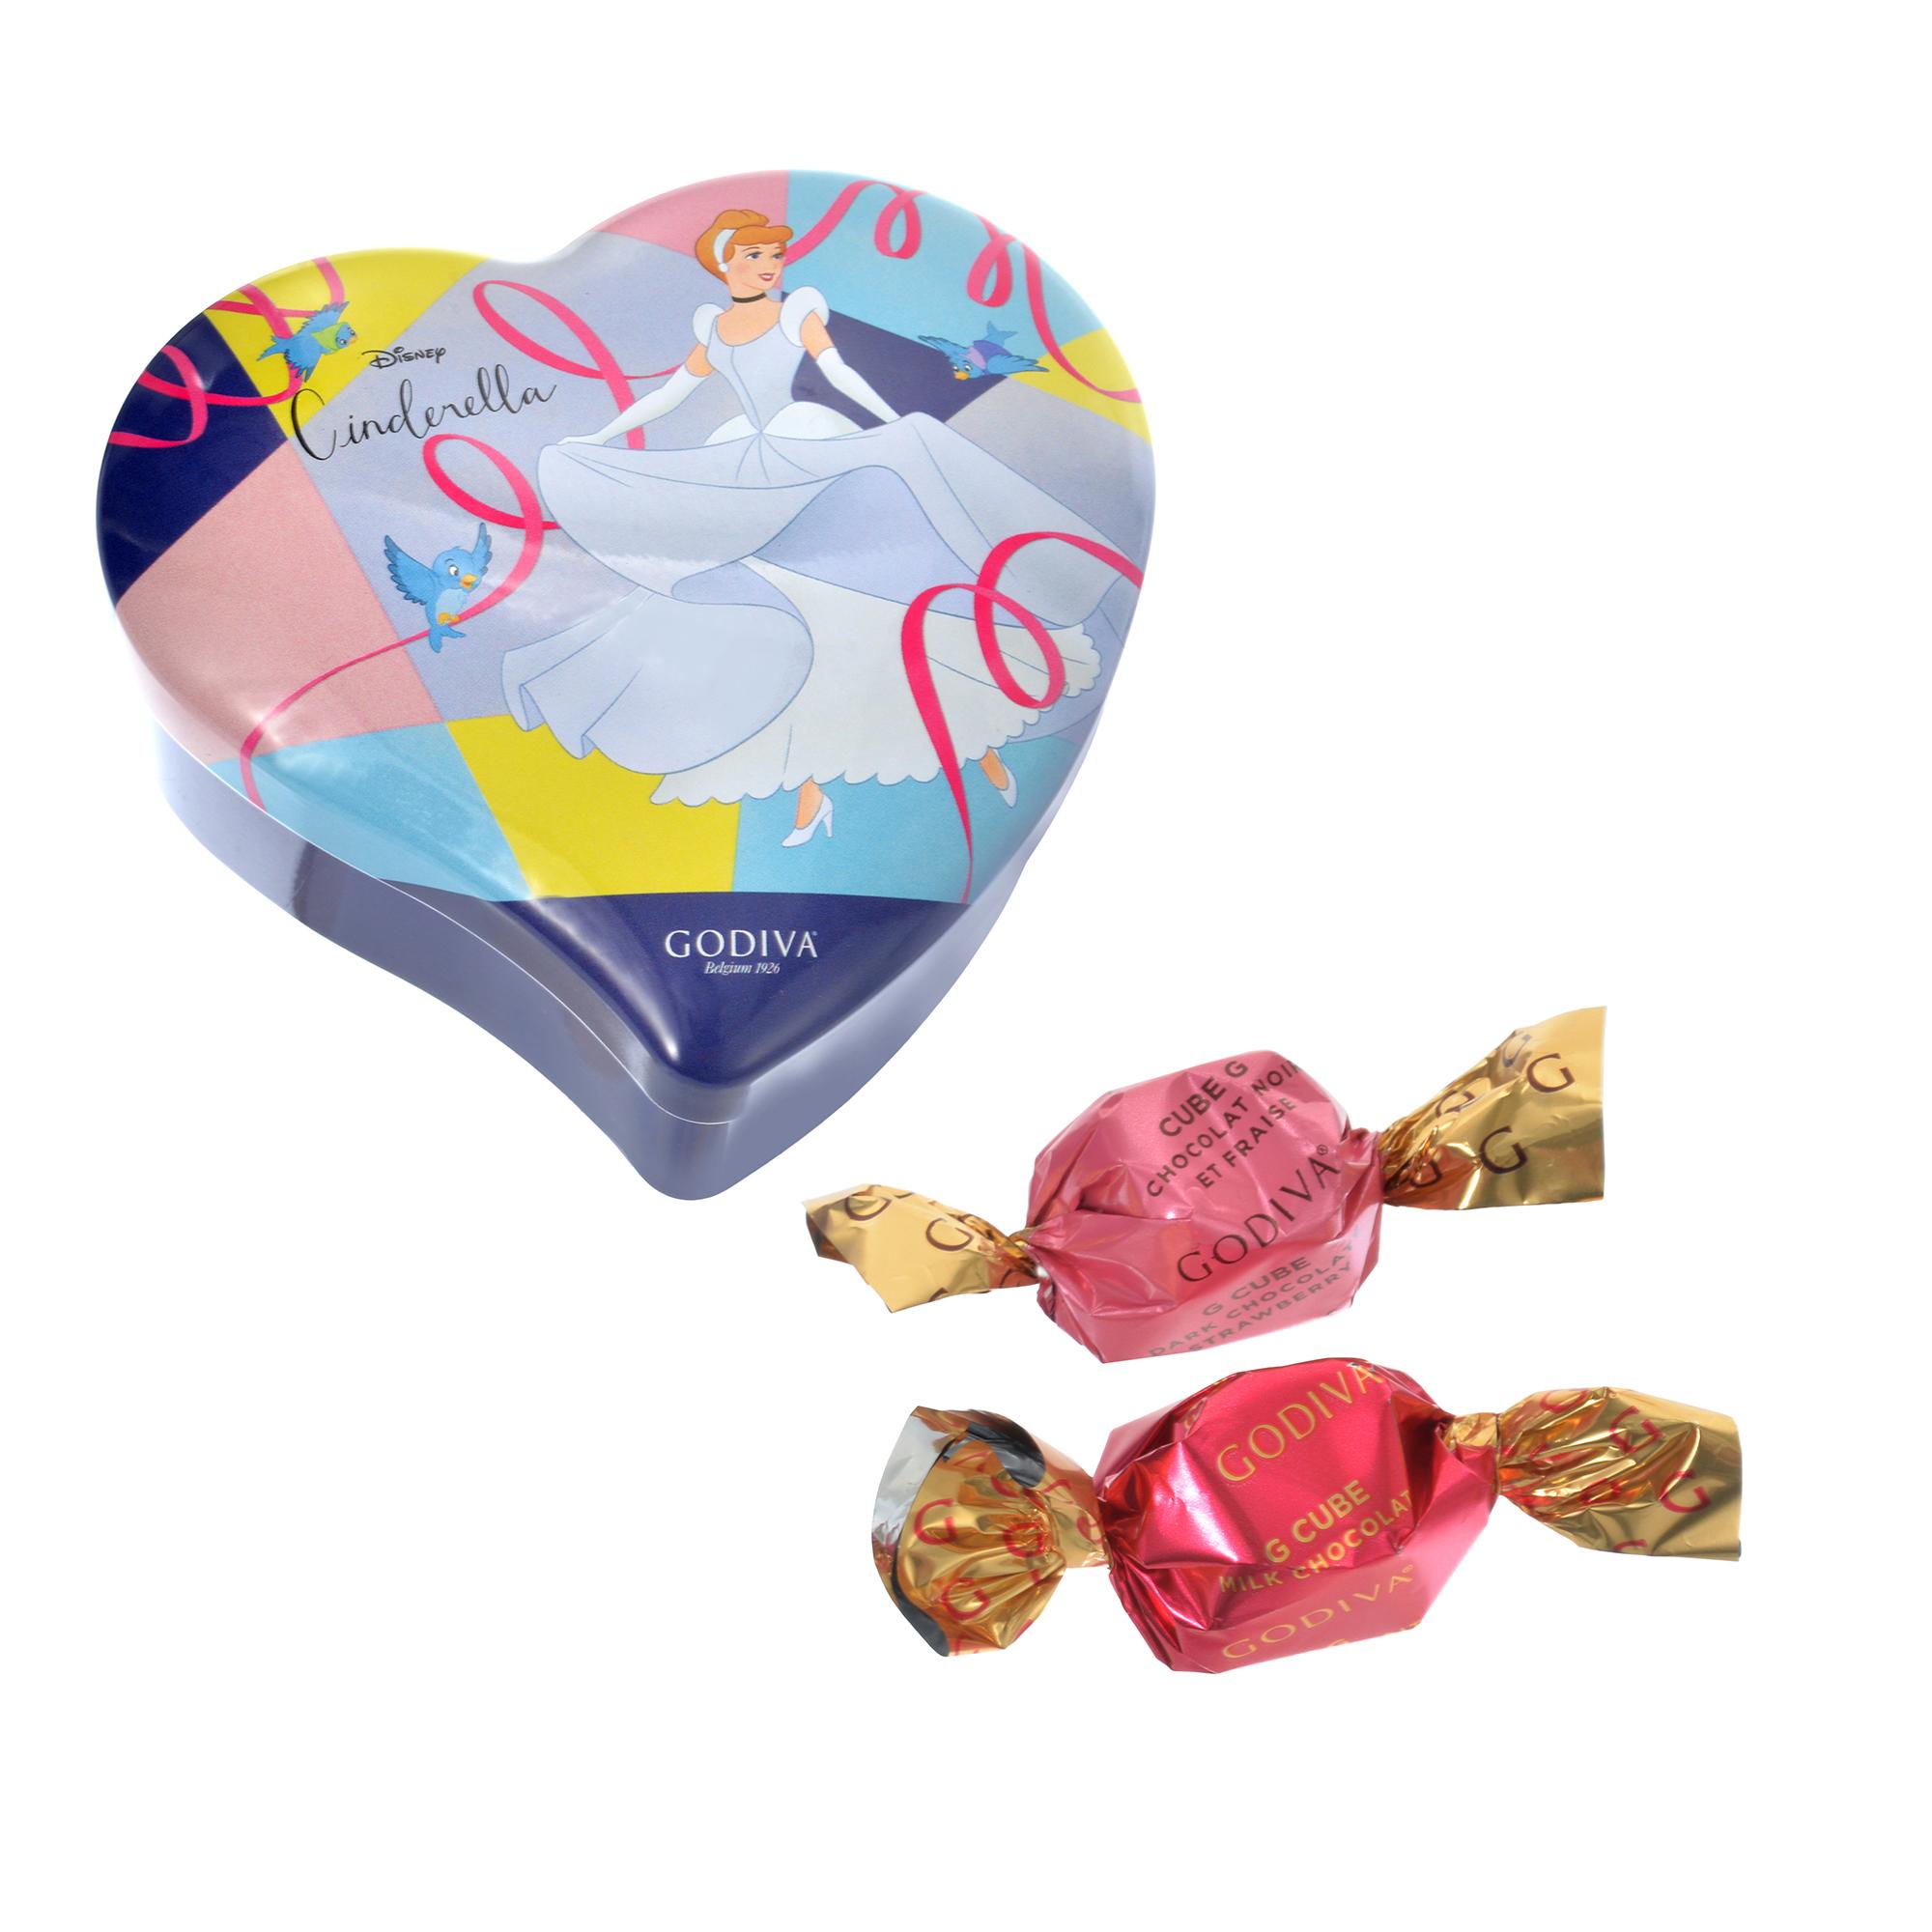 【GODIVA】シンデレラ G キューブ アソートメント ミニハート缶 Special Valentine